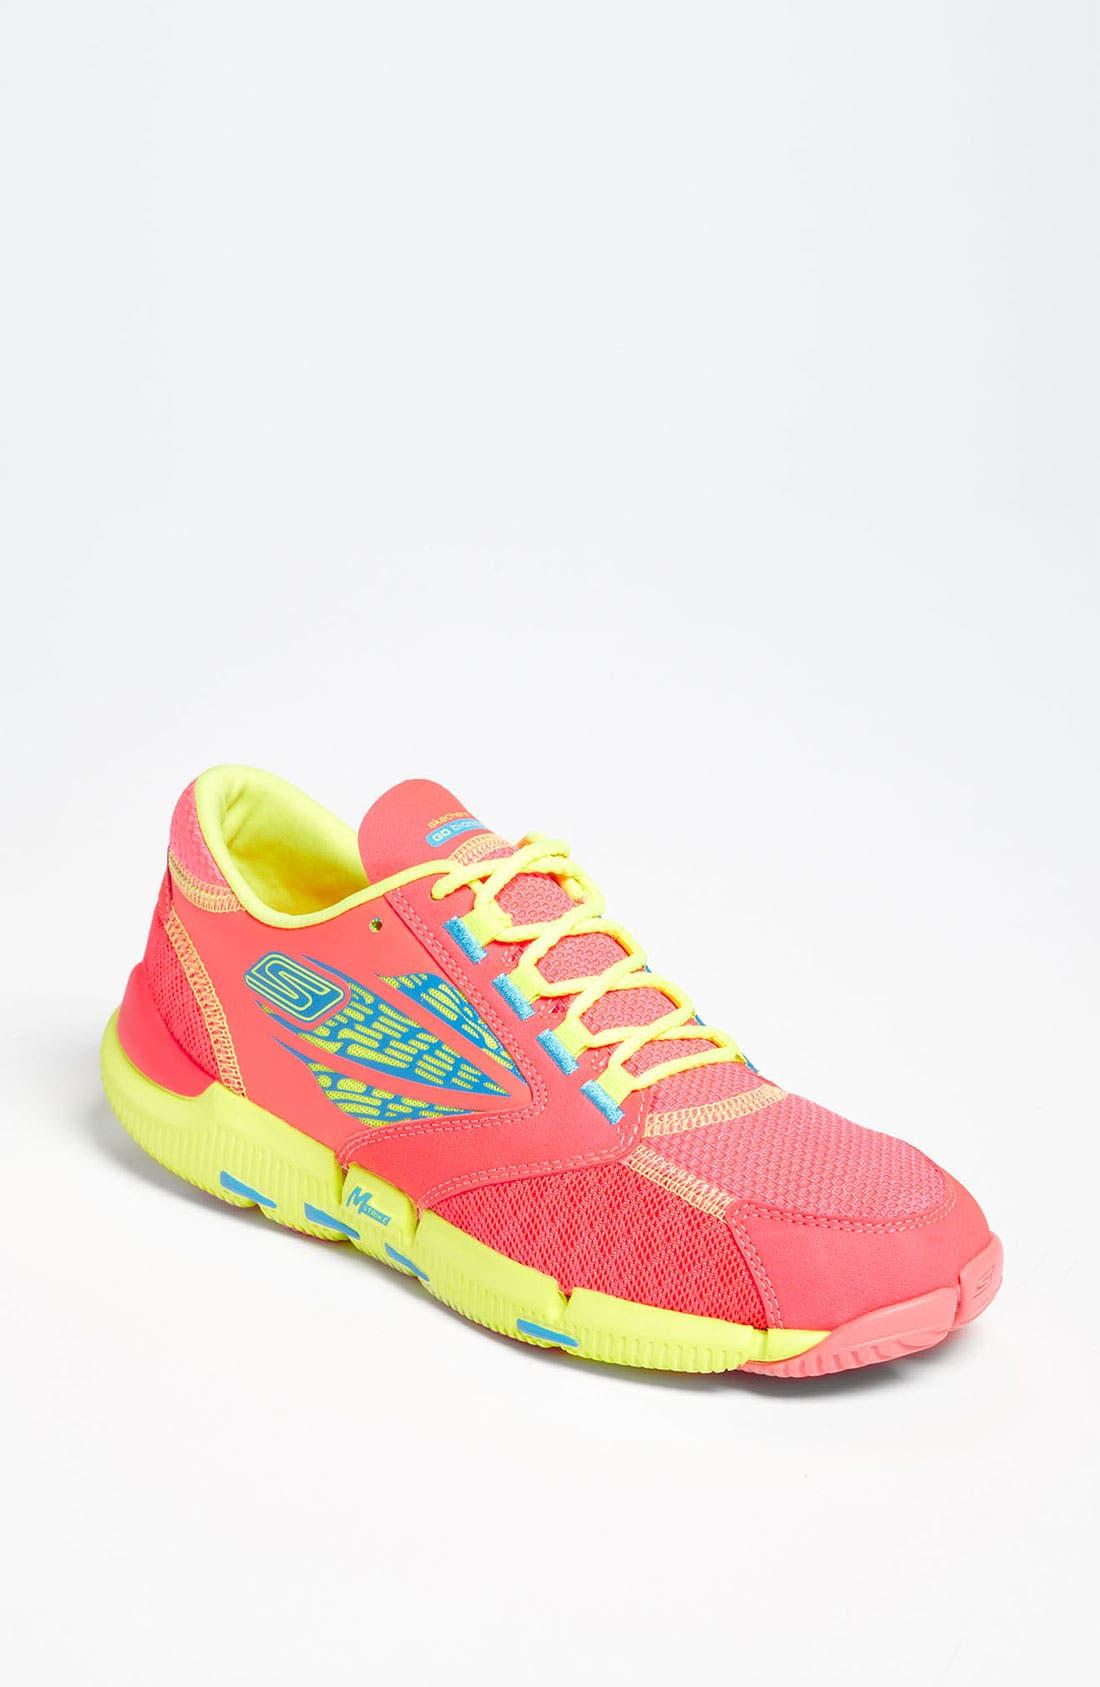 Main Image - SKECHERS 'GOBionic Ride' Running Shoe (Women)